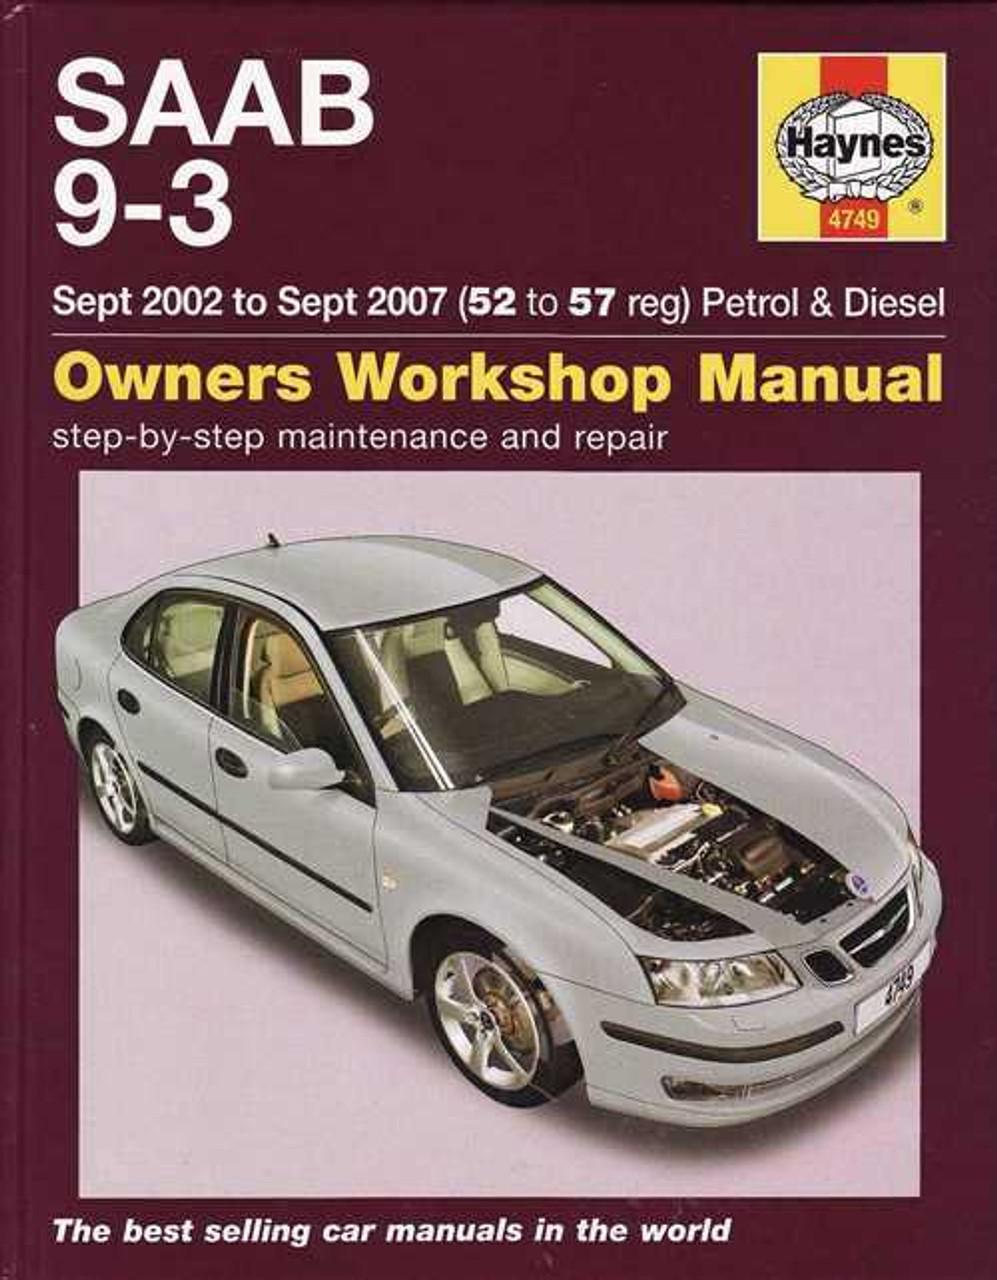 saab 9-3 convertible service manual